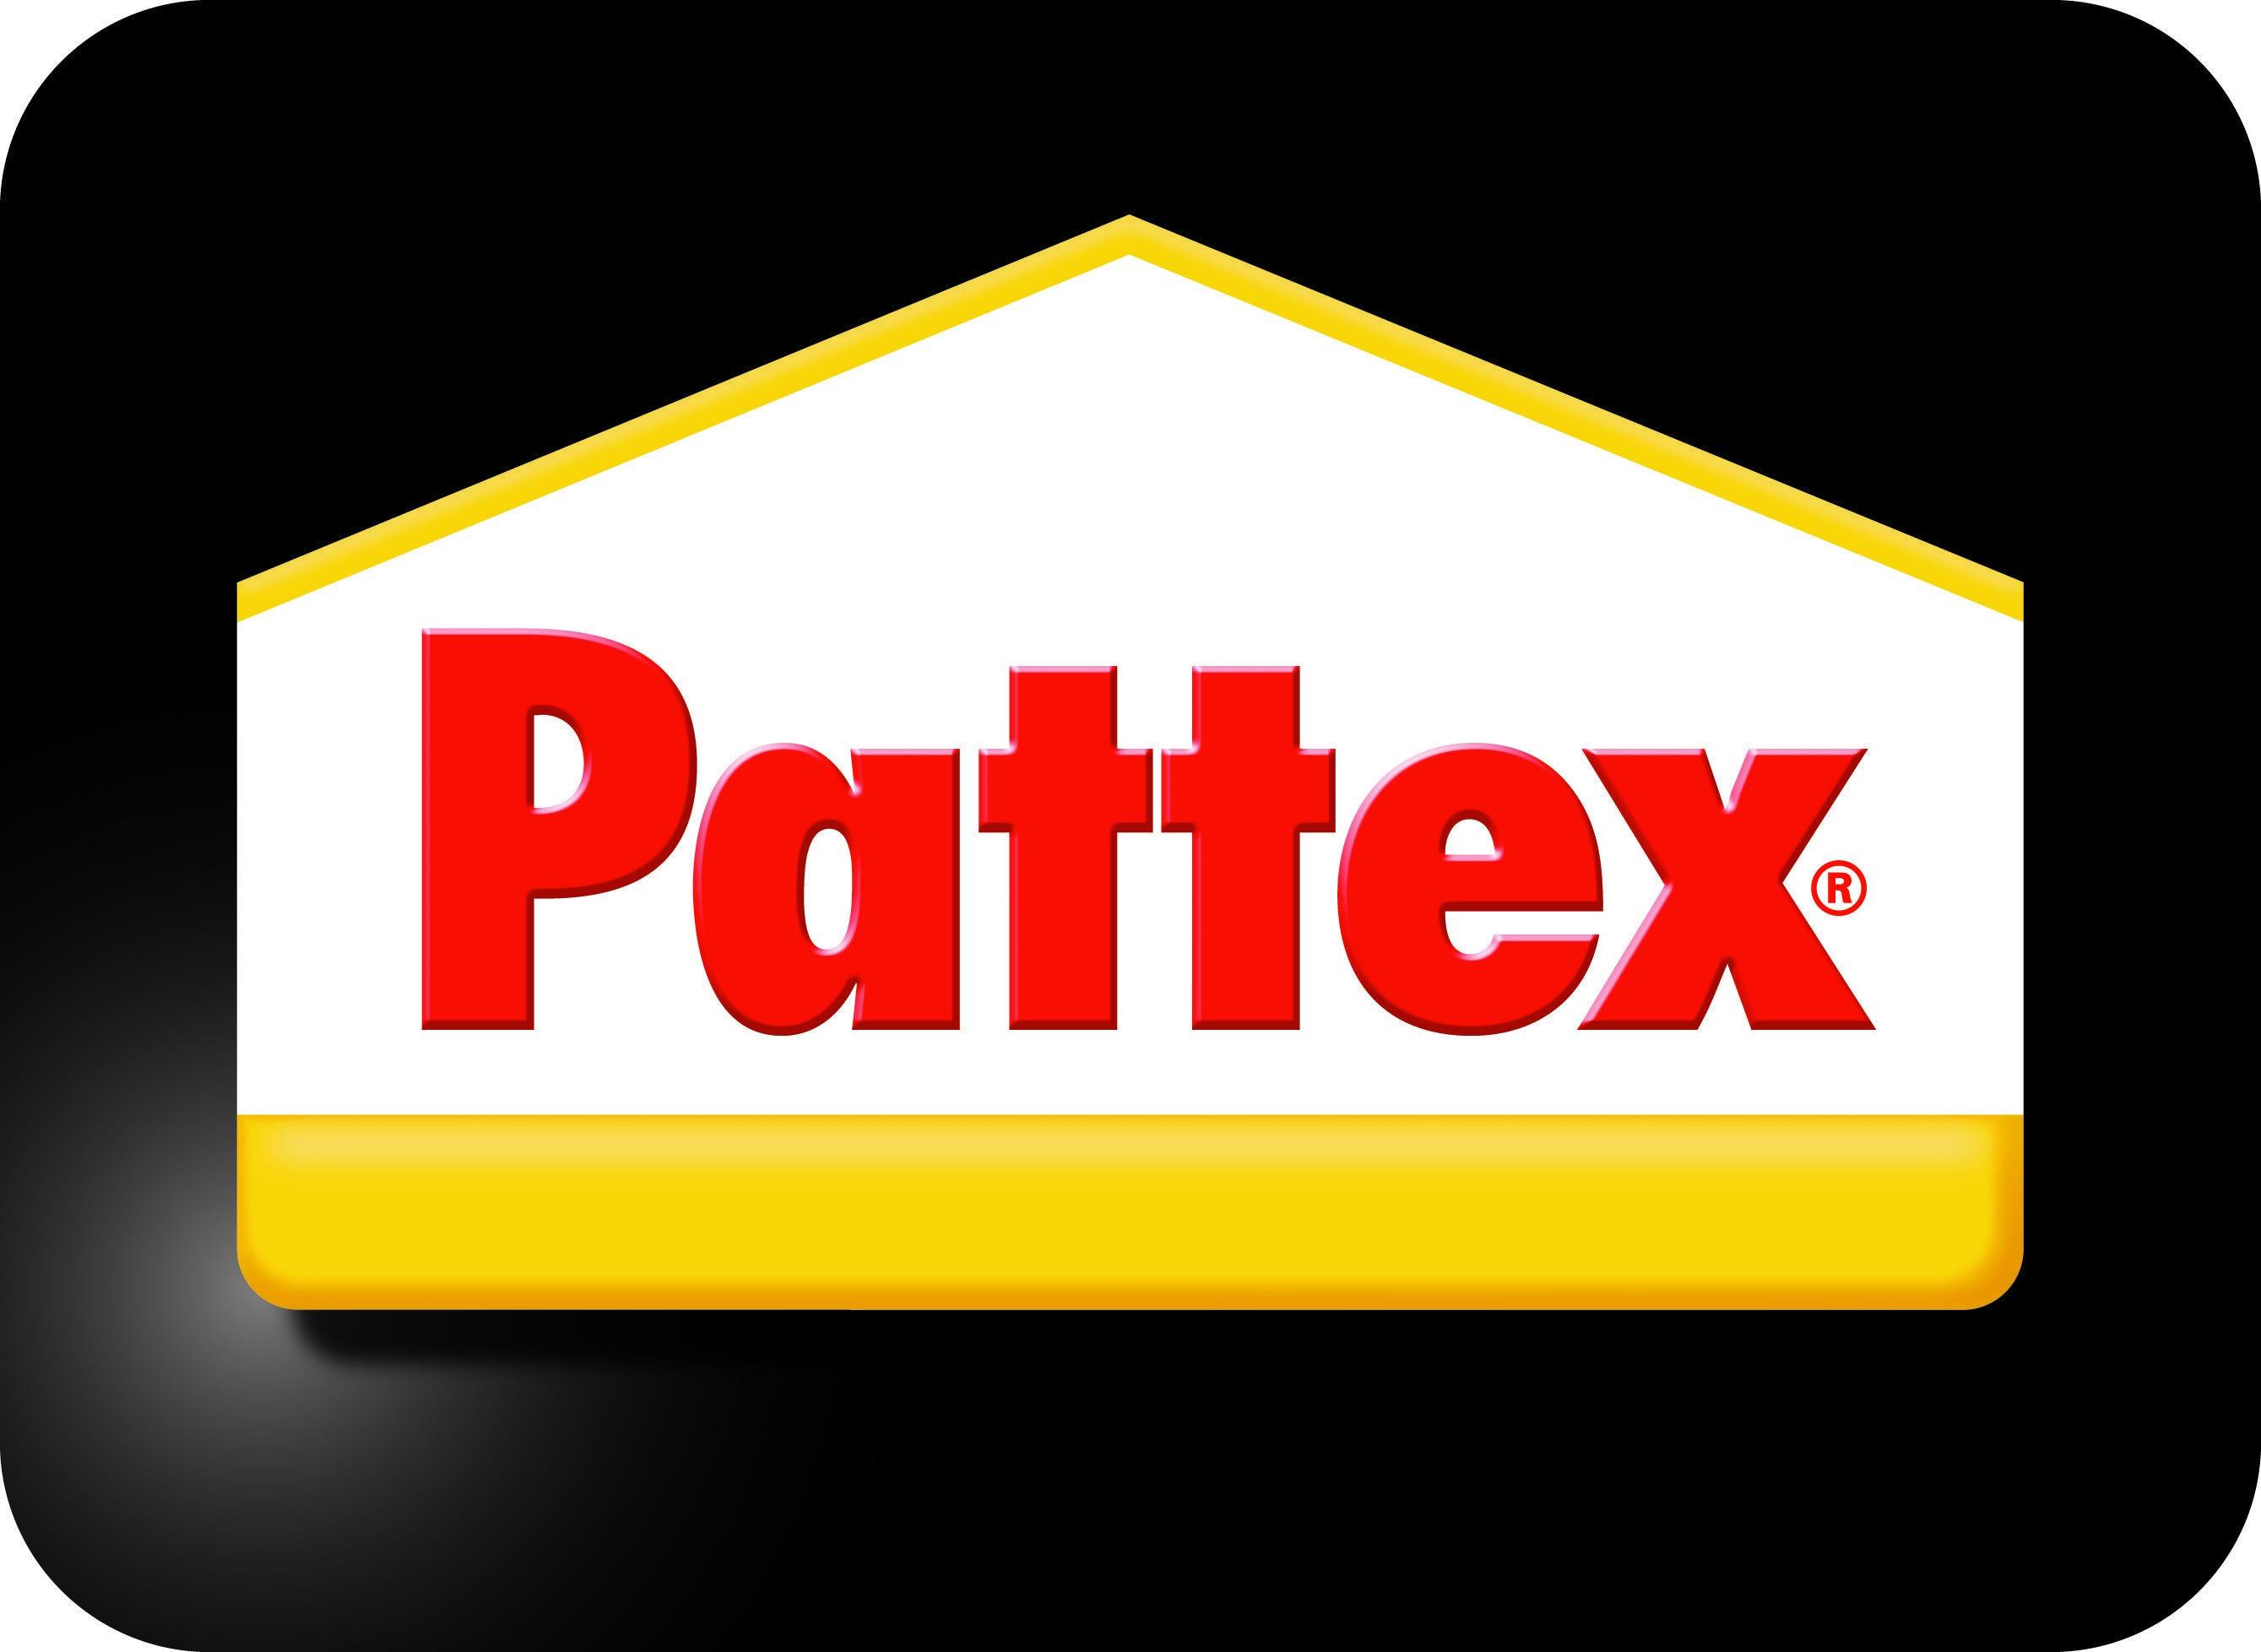 pattex millechiodi siliconi logo prodottiferramenta